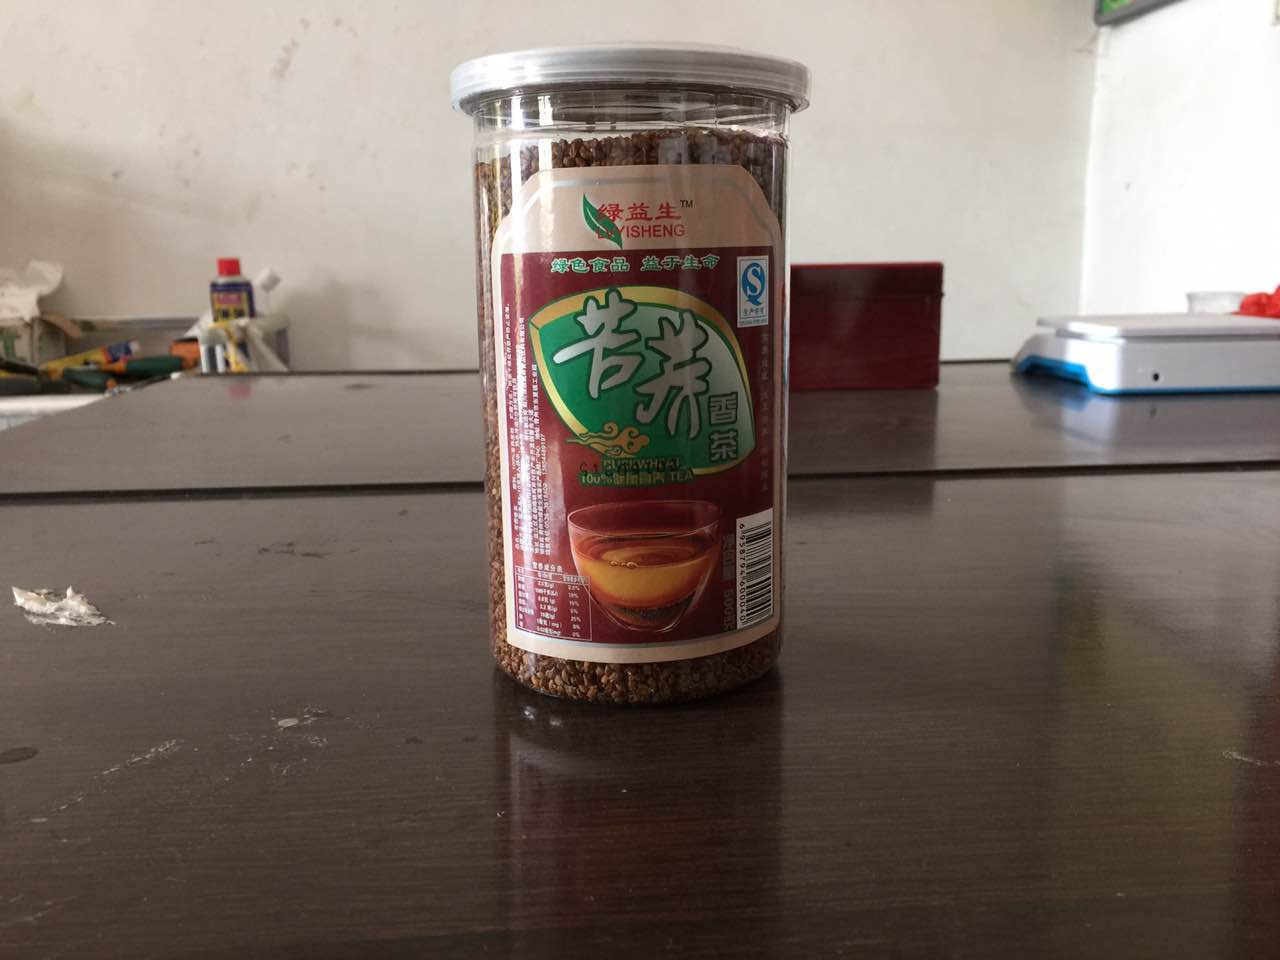 水果罐头厂家【金康福】青州水果罐头【高大上】水果罐头生产厂家